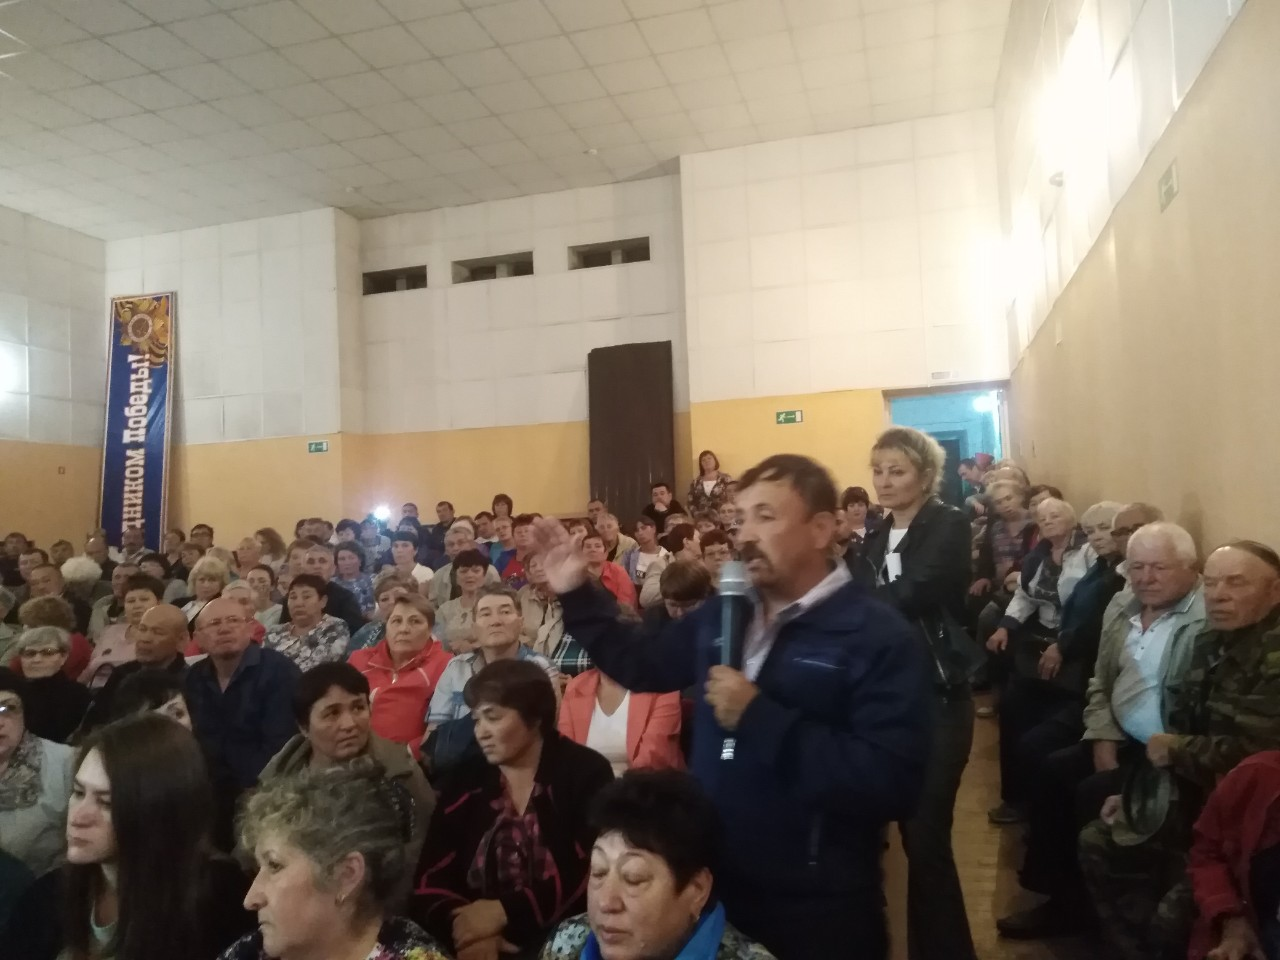 Бывший шахтер спросил Осипова про добычу золота на землях сельхозназначения